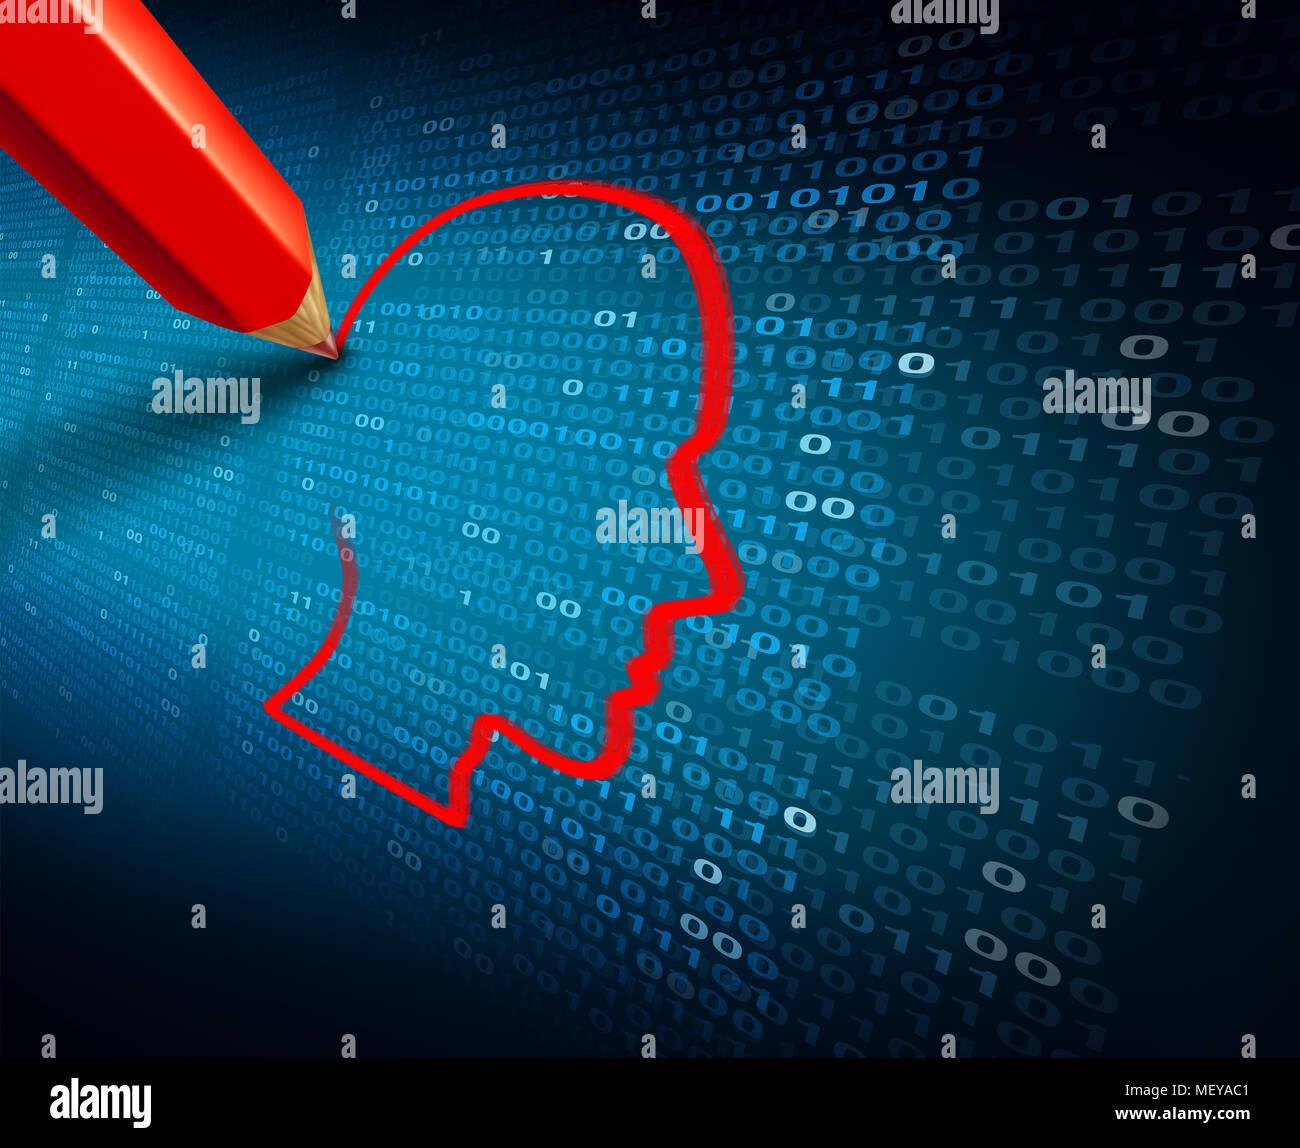 Phishing und private Daten hack und Diebstahl persönlicher Informationen Als als computerkriminalität oder Internetkriminalität social media Sicherheitskonzept. Stockbild